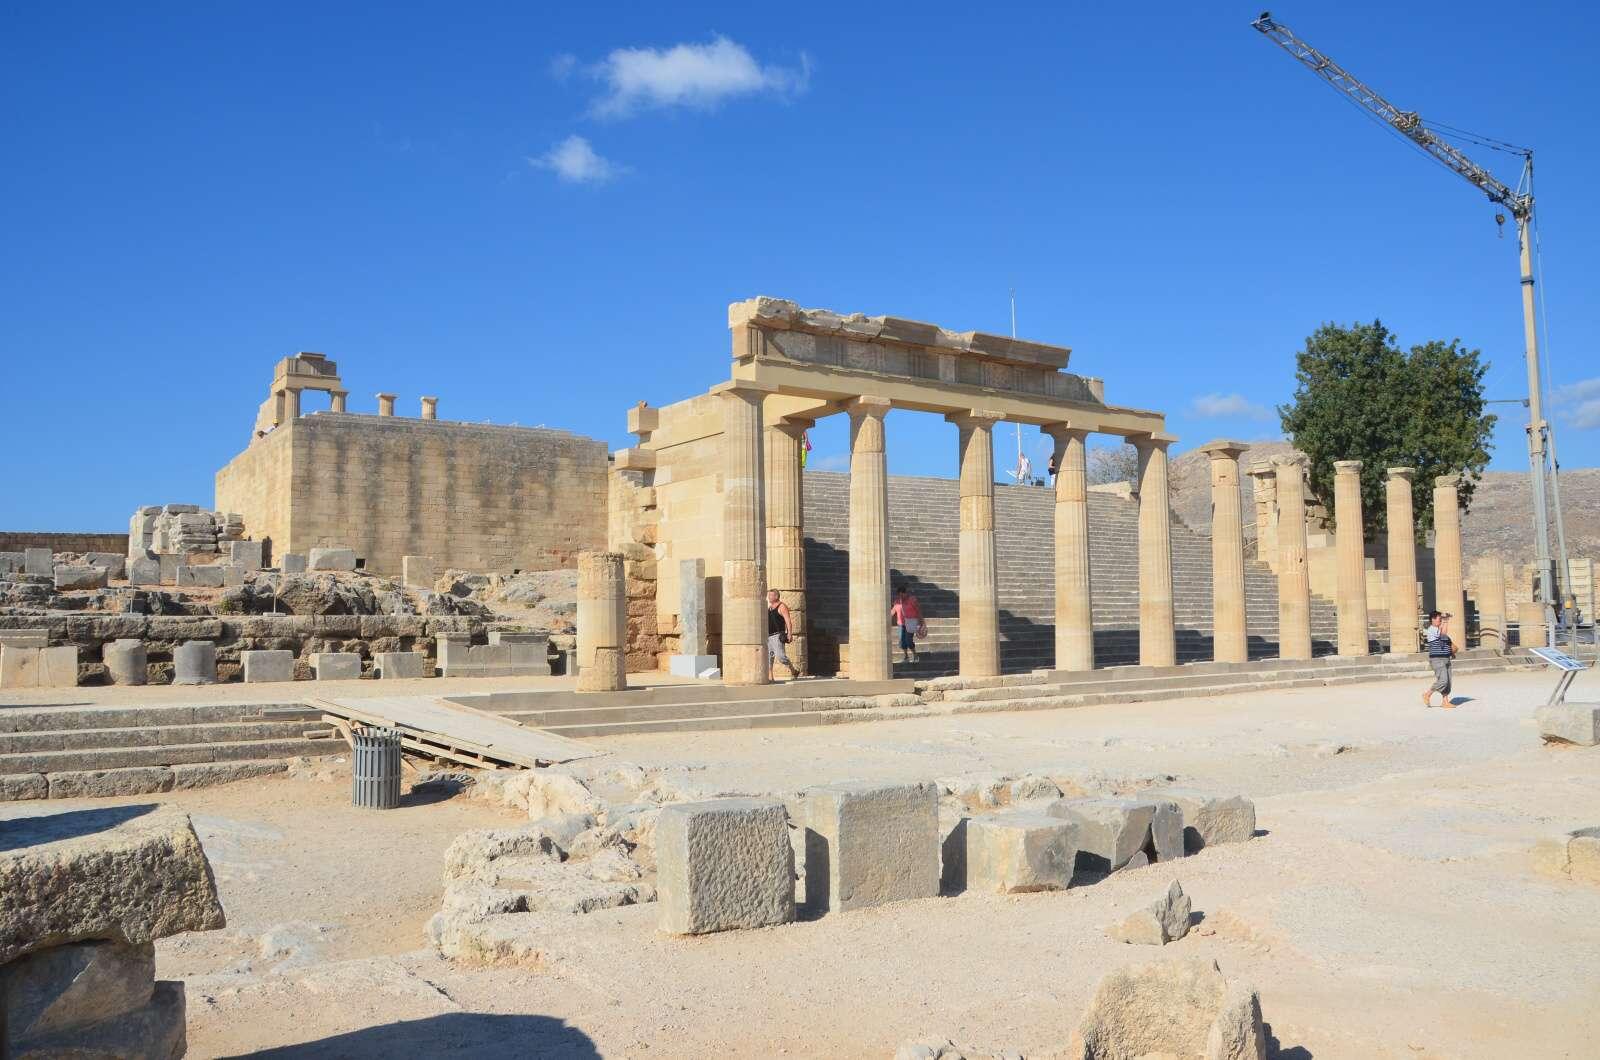 Foto 8: Zbytky starověké akropole a středověké johanitské pevnosti, Lindos, Řecko, Rhodos